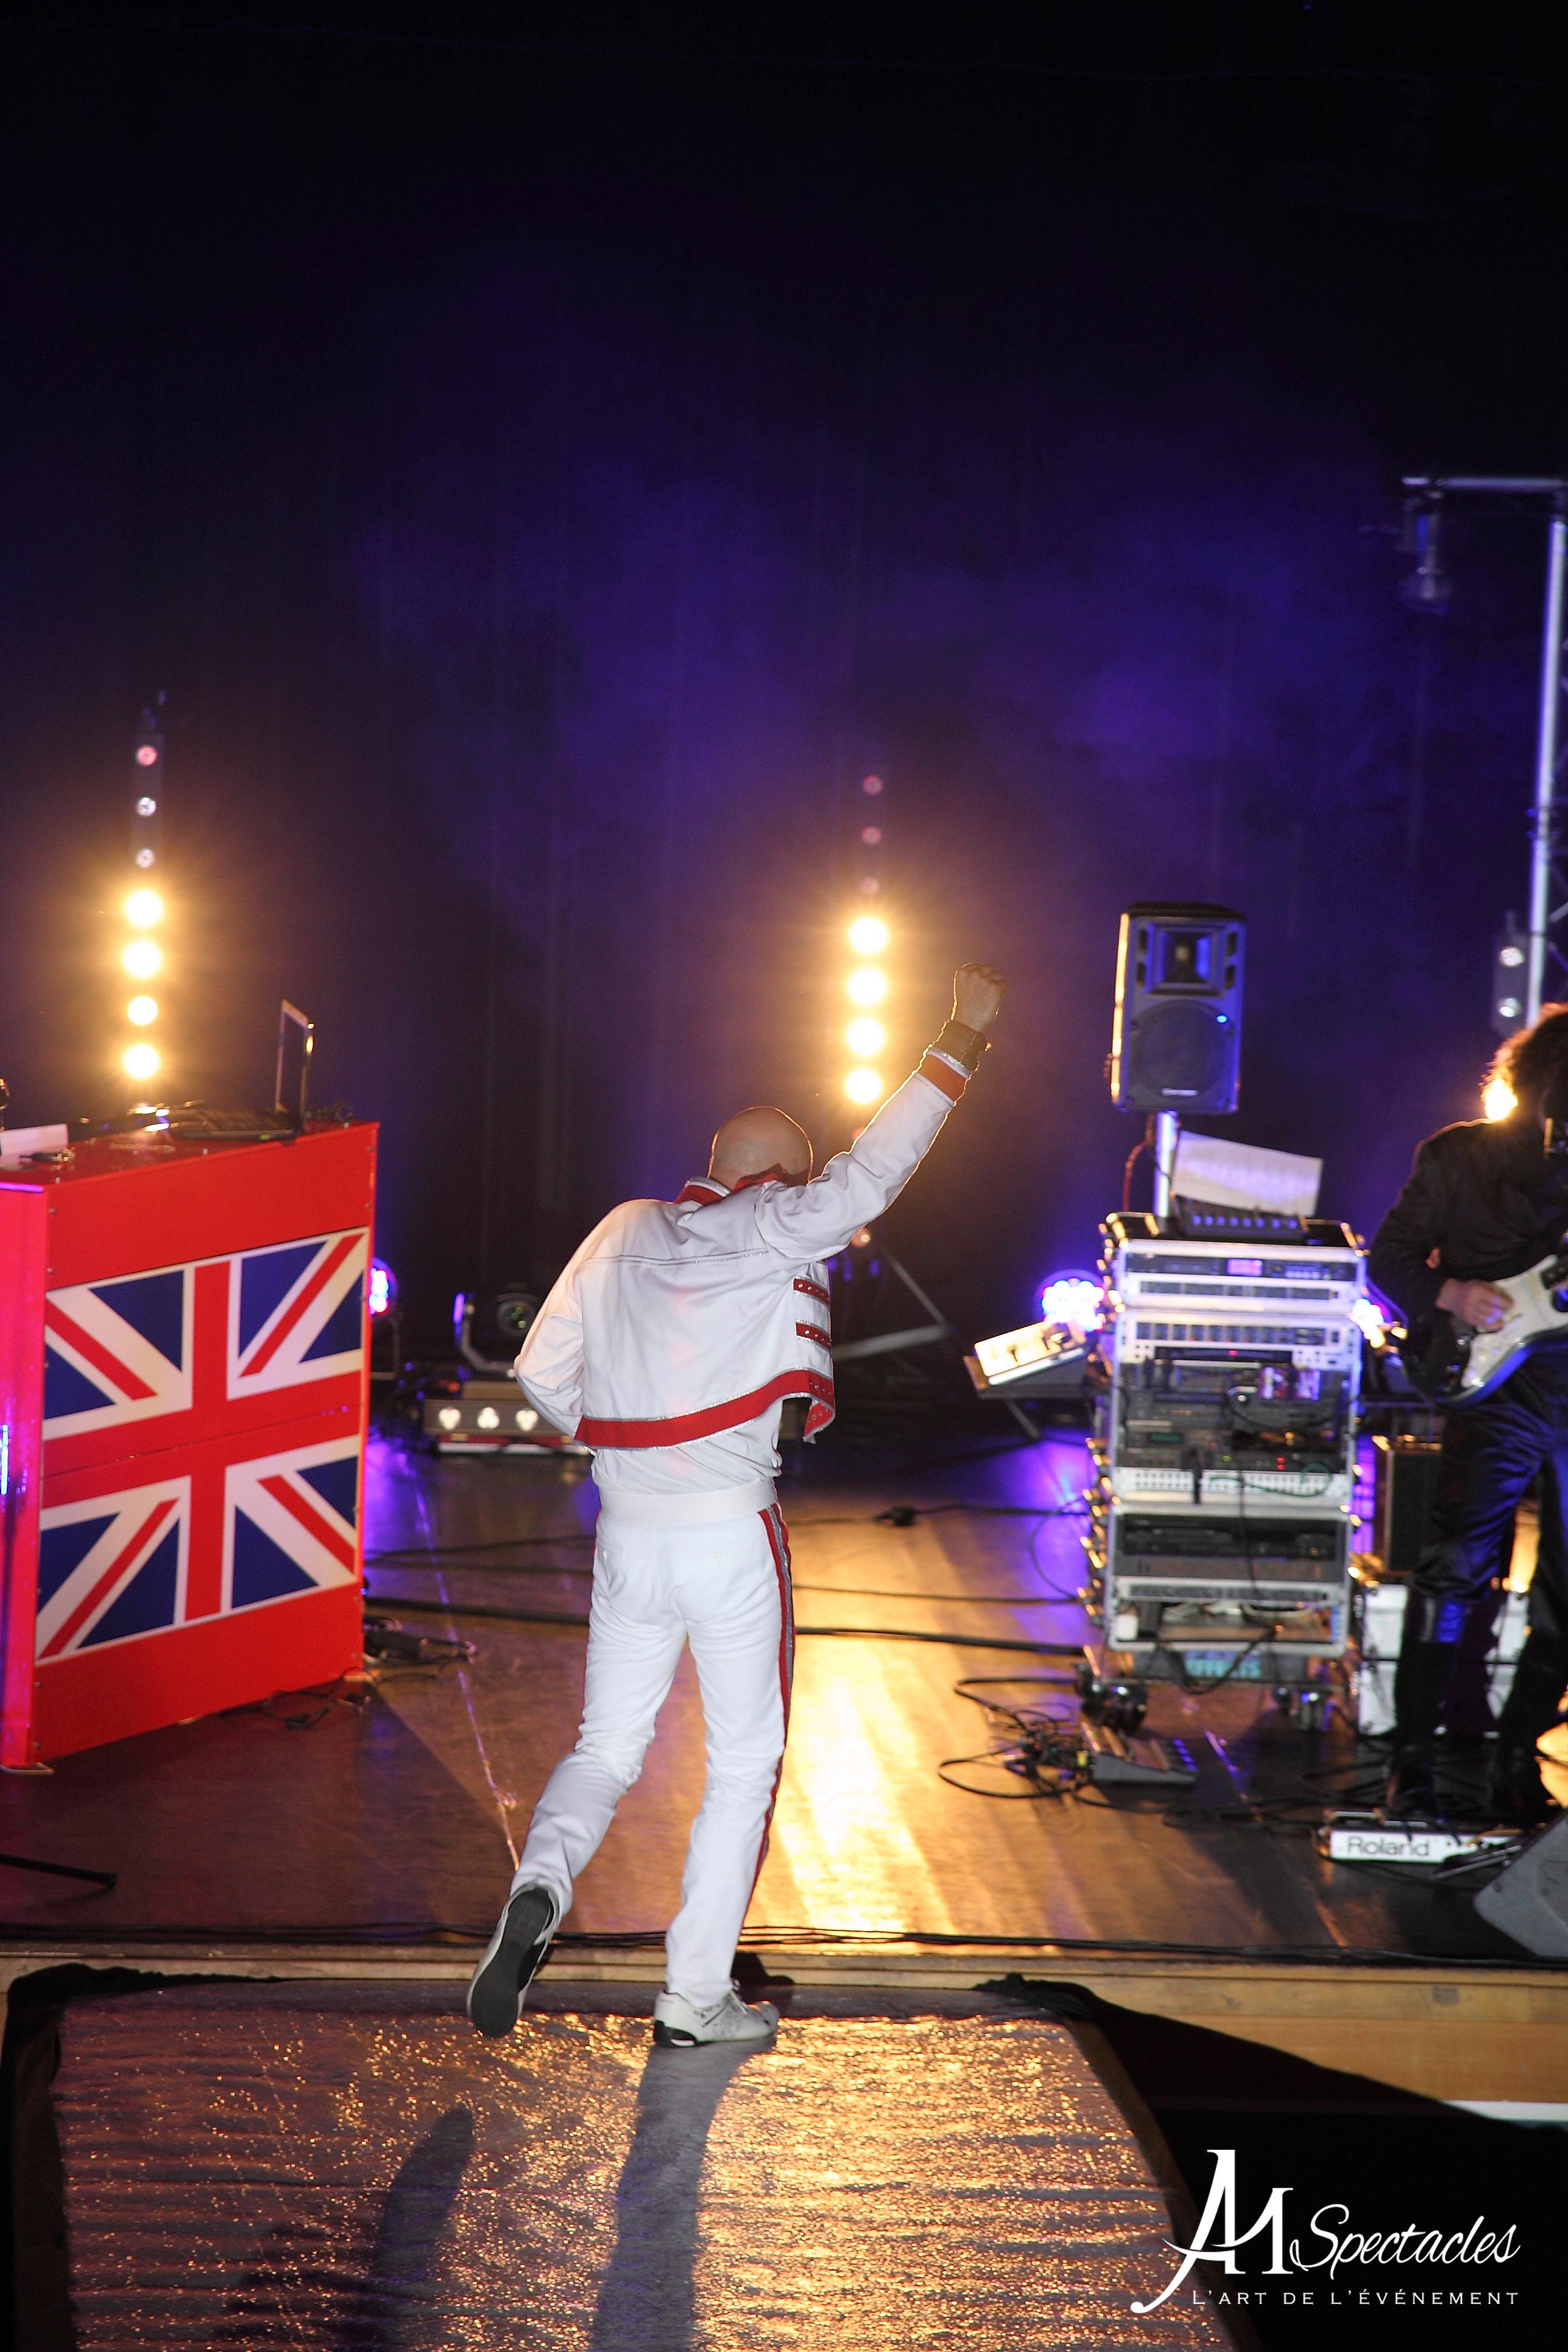 Concert Queen AM Spectacles Gouvieux 33.JPG